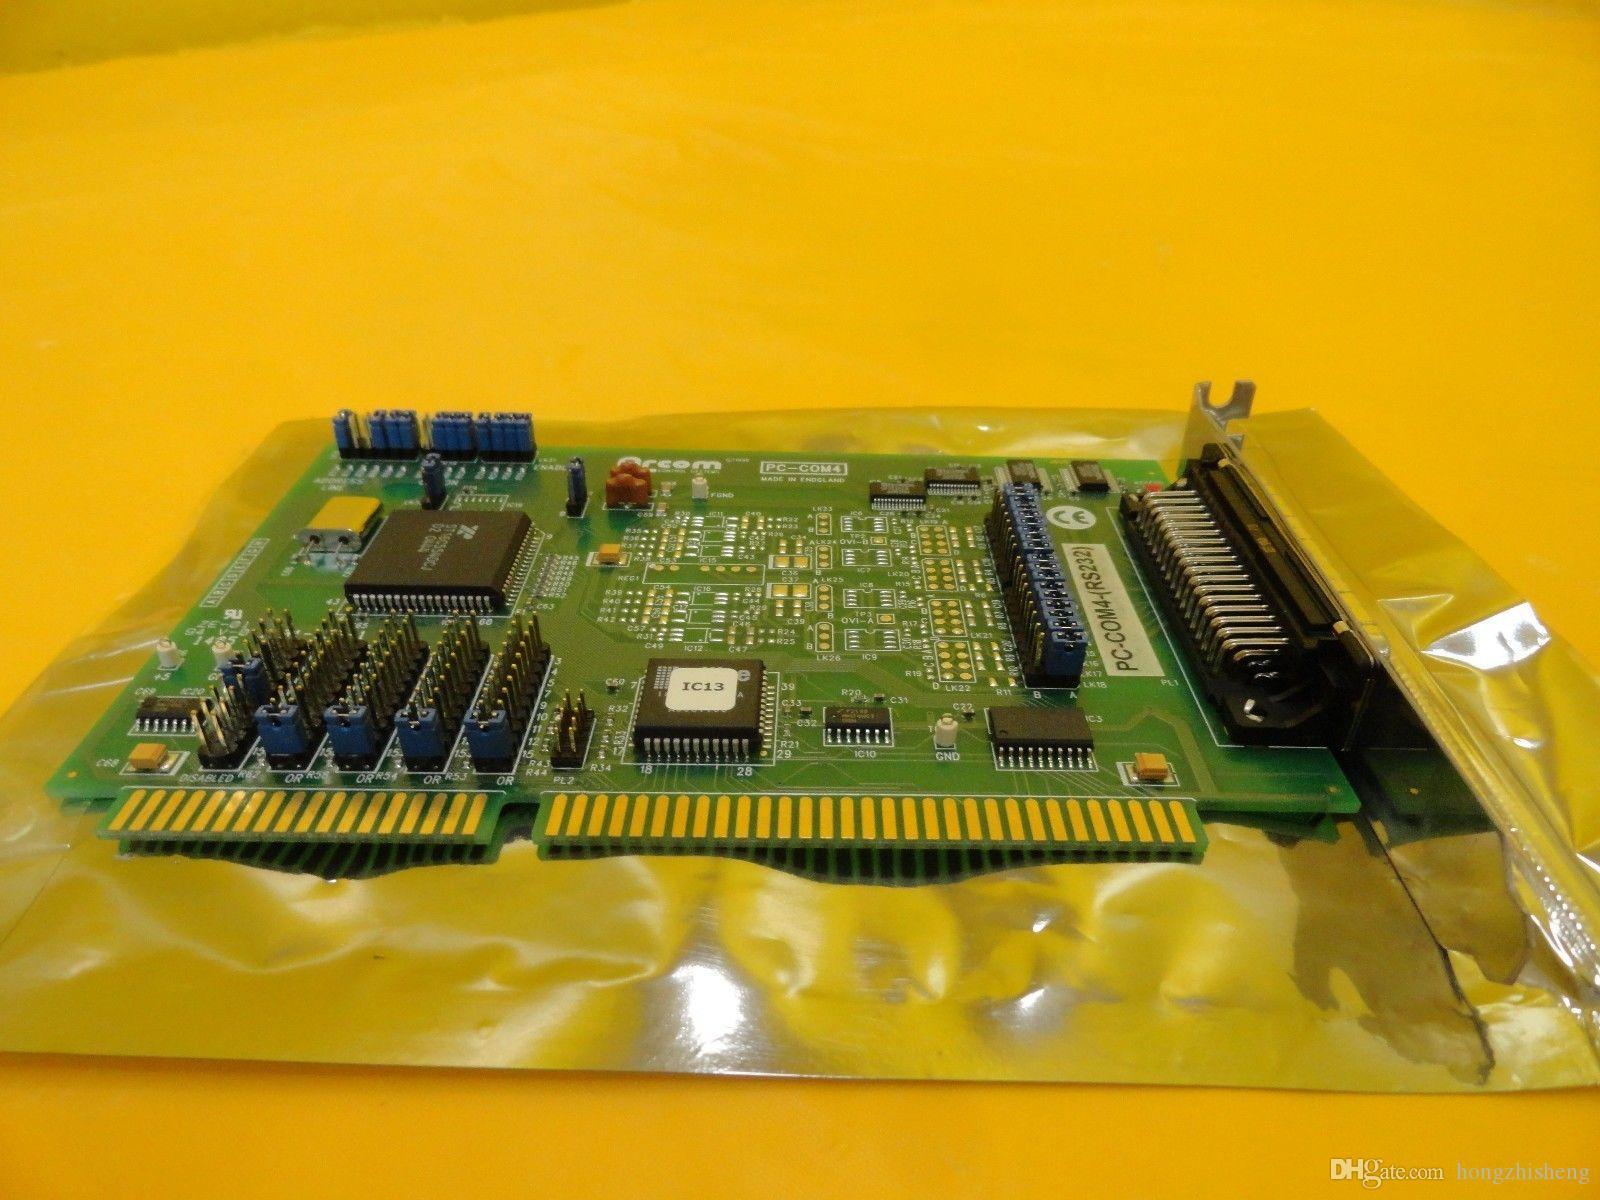 Системы управления ARCOM Связь PC-COM4 2 RS232 Изолированный RS422 / 485 PC-COM4 CCK 3699